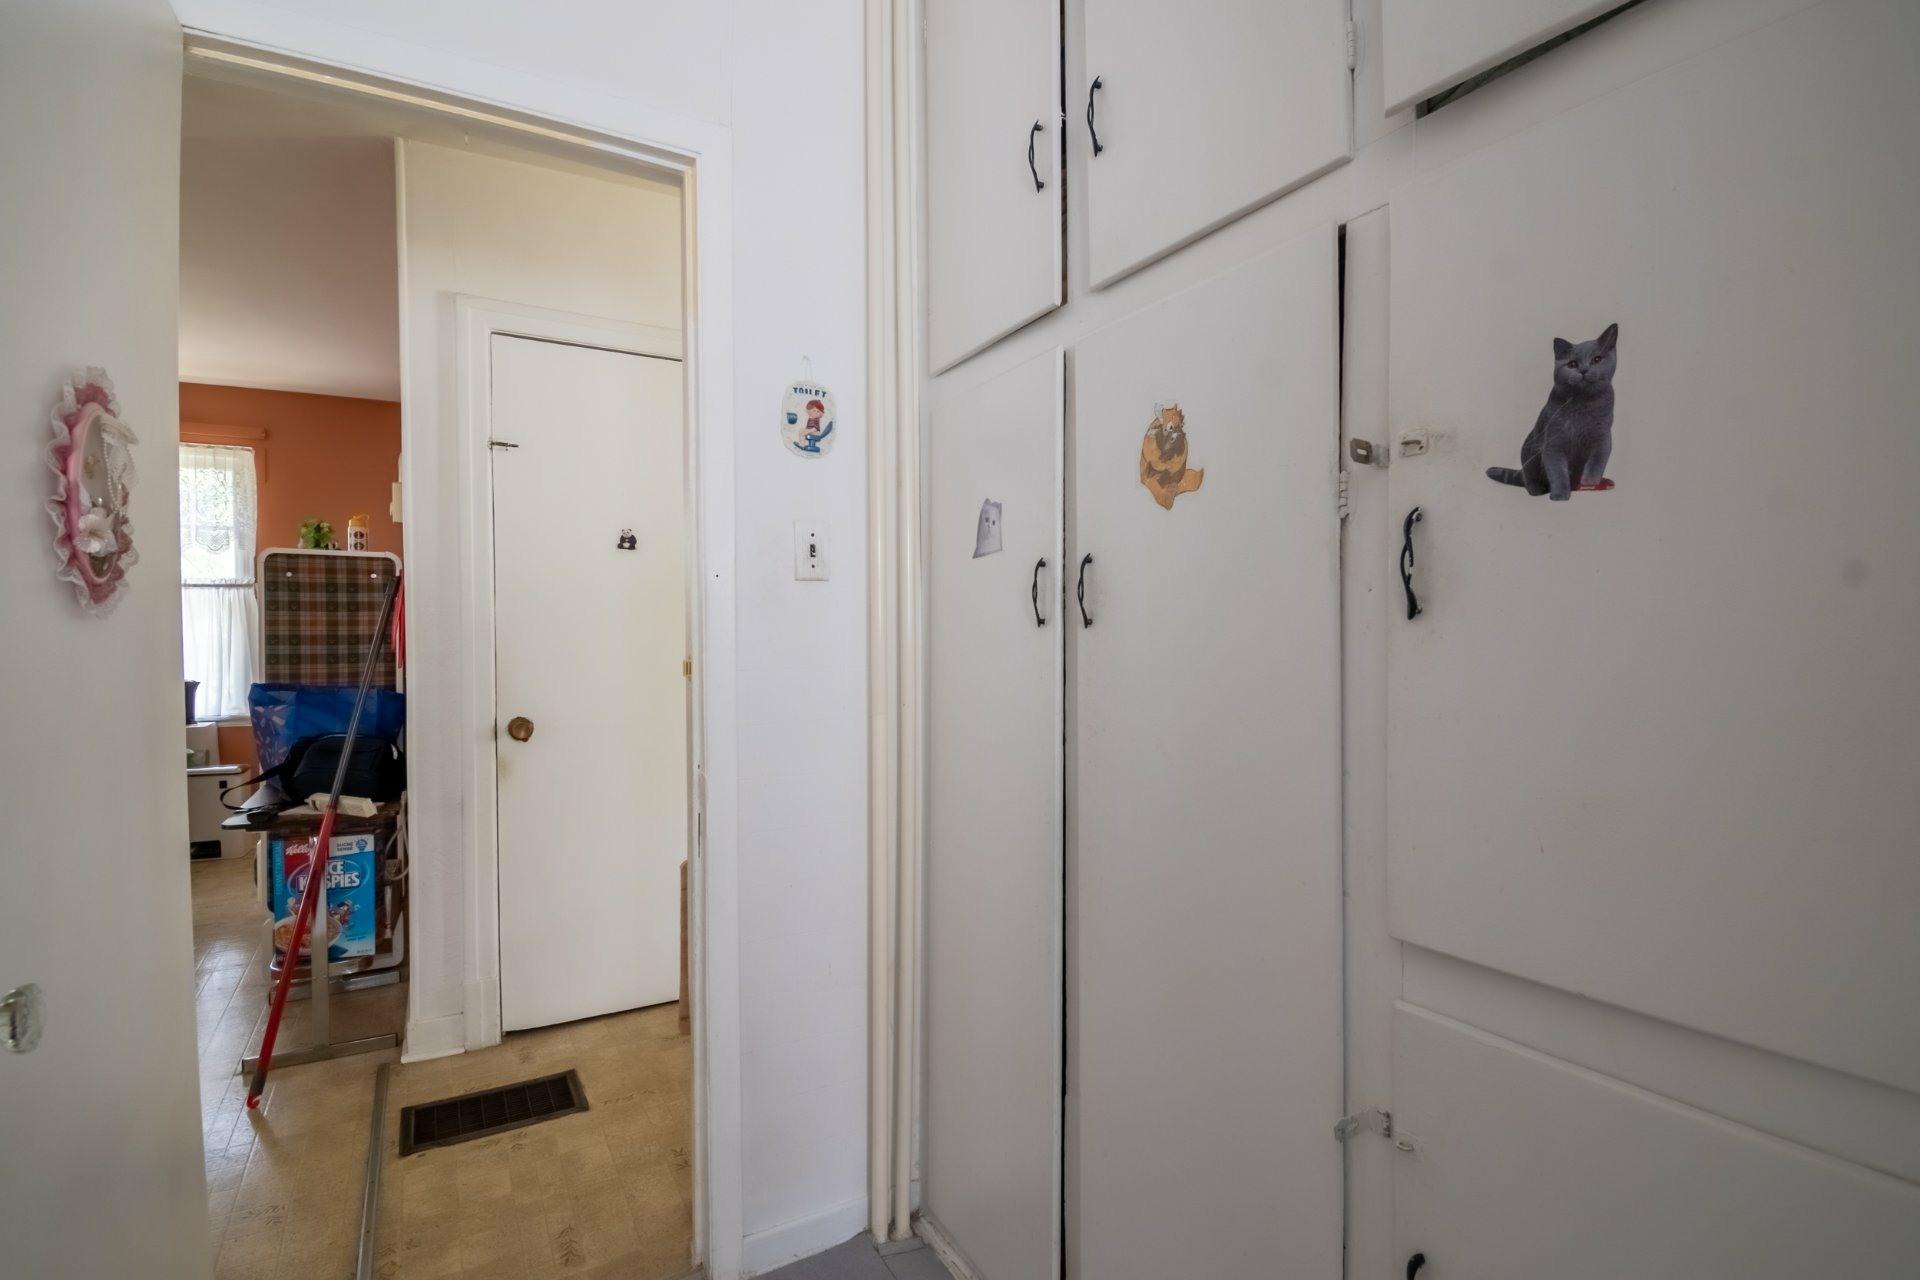 image 8 - Maison À vendre Trois-Rivières - 10 pièces